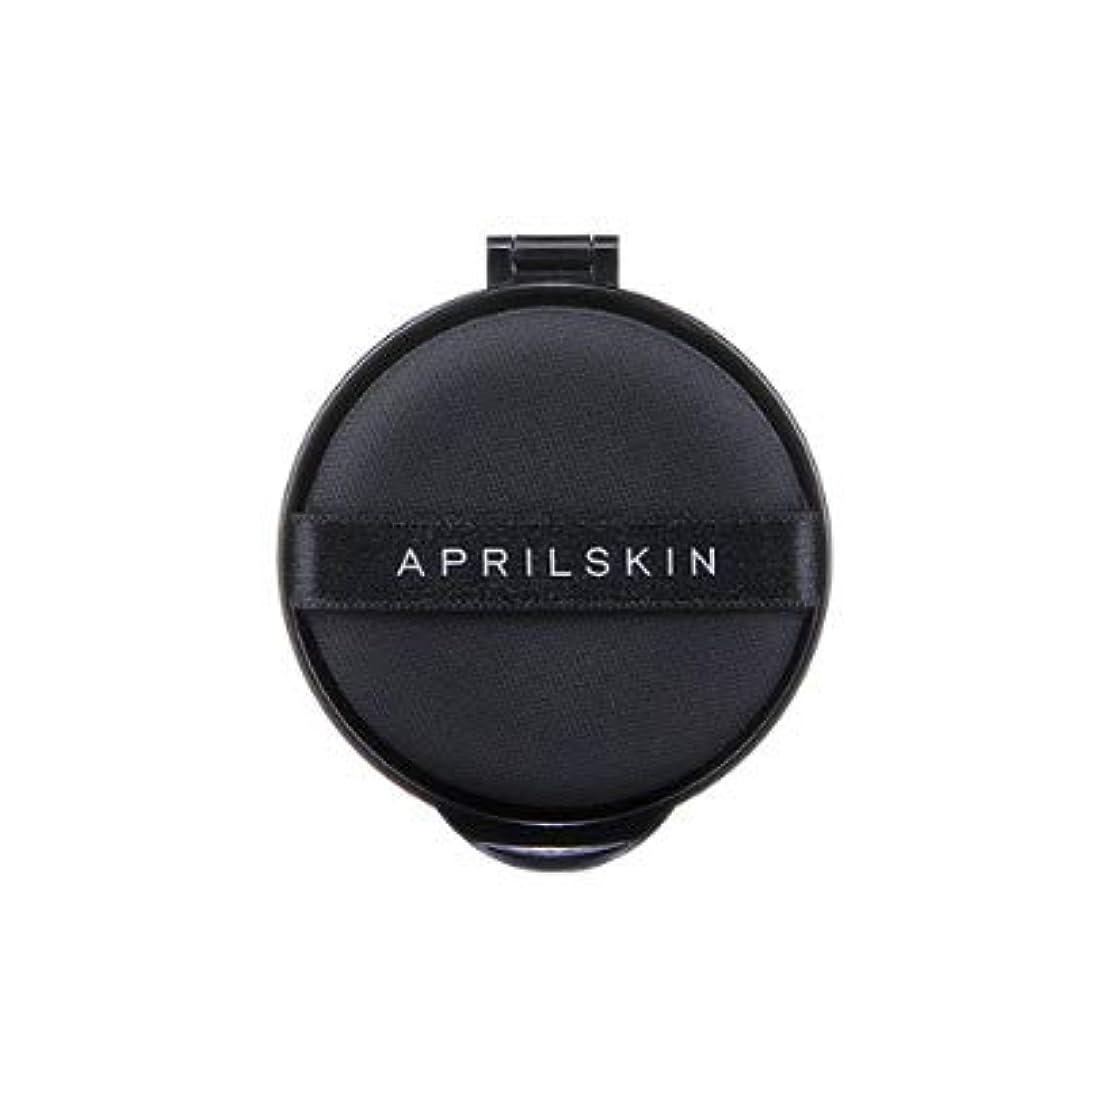 取得する感じ知人エイプリル スキン(APRIL SKIN) パーフェクトマジックカバーフィットクッション (リフィル) 13g / APRILSKIN PERFECT MAGIC COVER FIT CUSHION (REFILL) 13g...